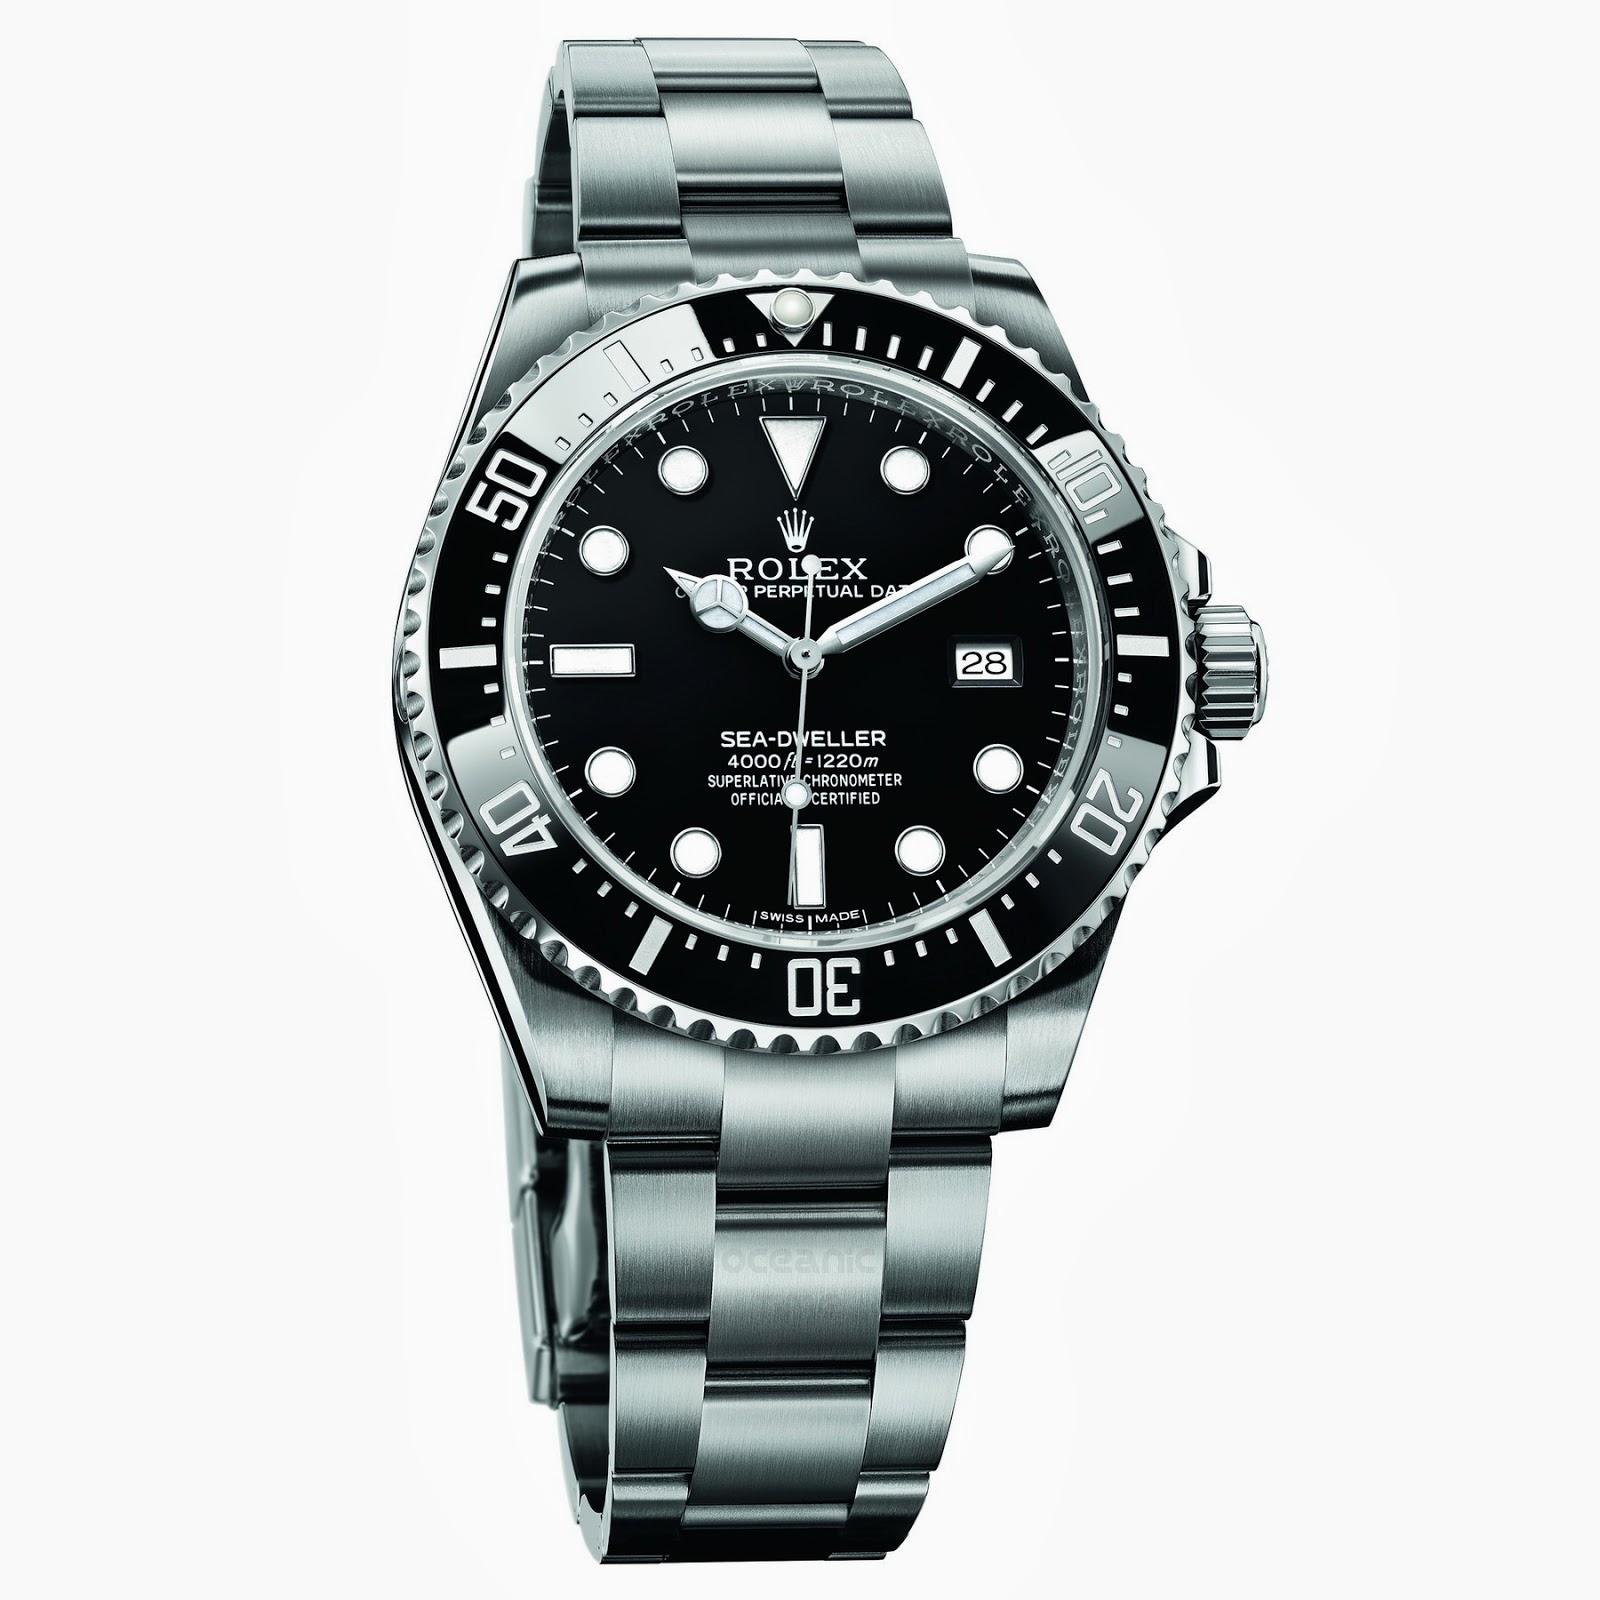 23551b010aa5 Часы Rolex Sea - Dweller — Цены на часы Rolex Sea - Dweller Все наручные  часы, представленные в нашем каталоге часов, являются высокачественными  копиями ...